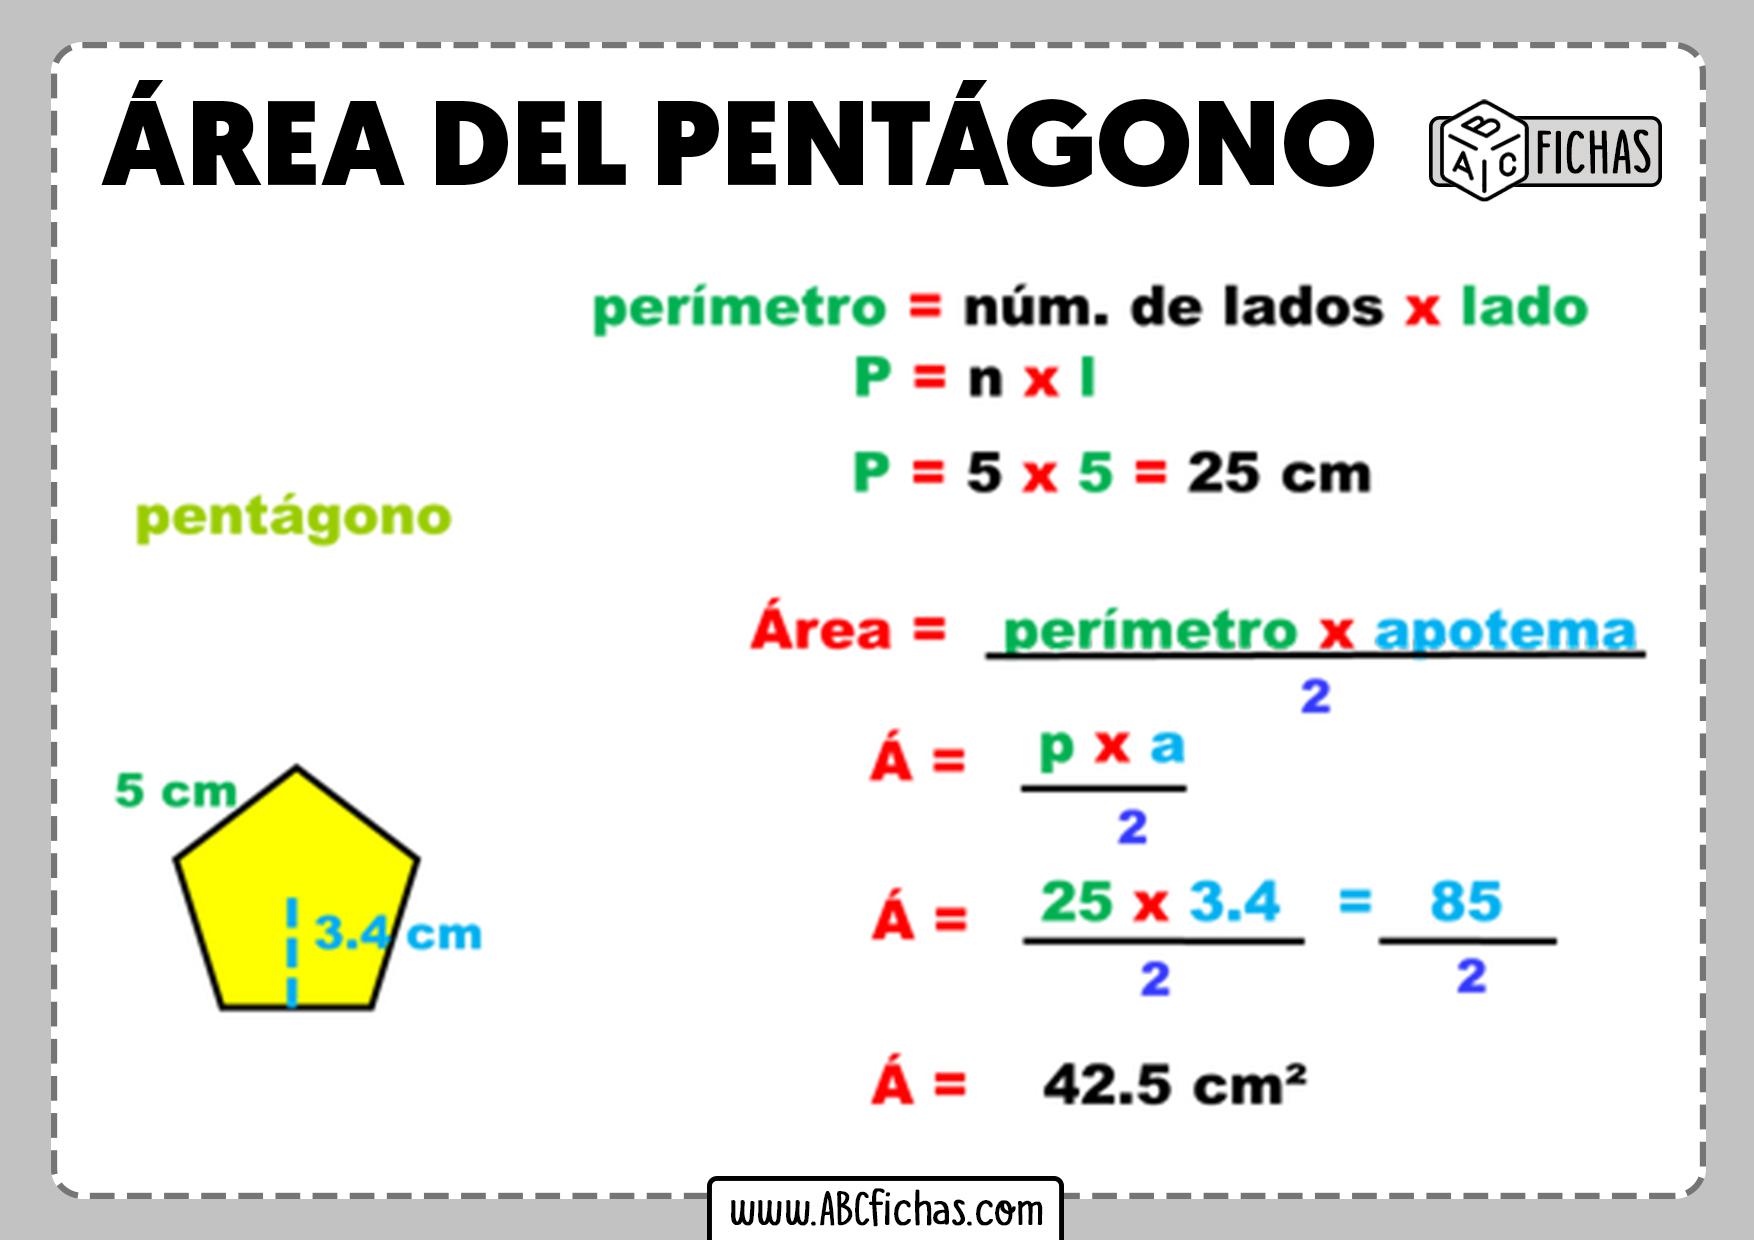 Como calcular el area del pentagono